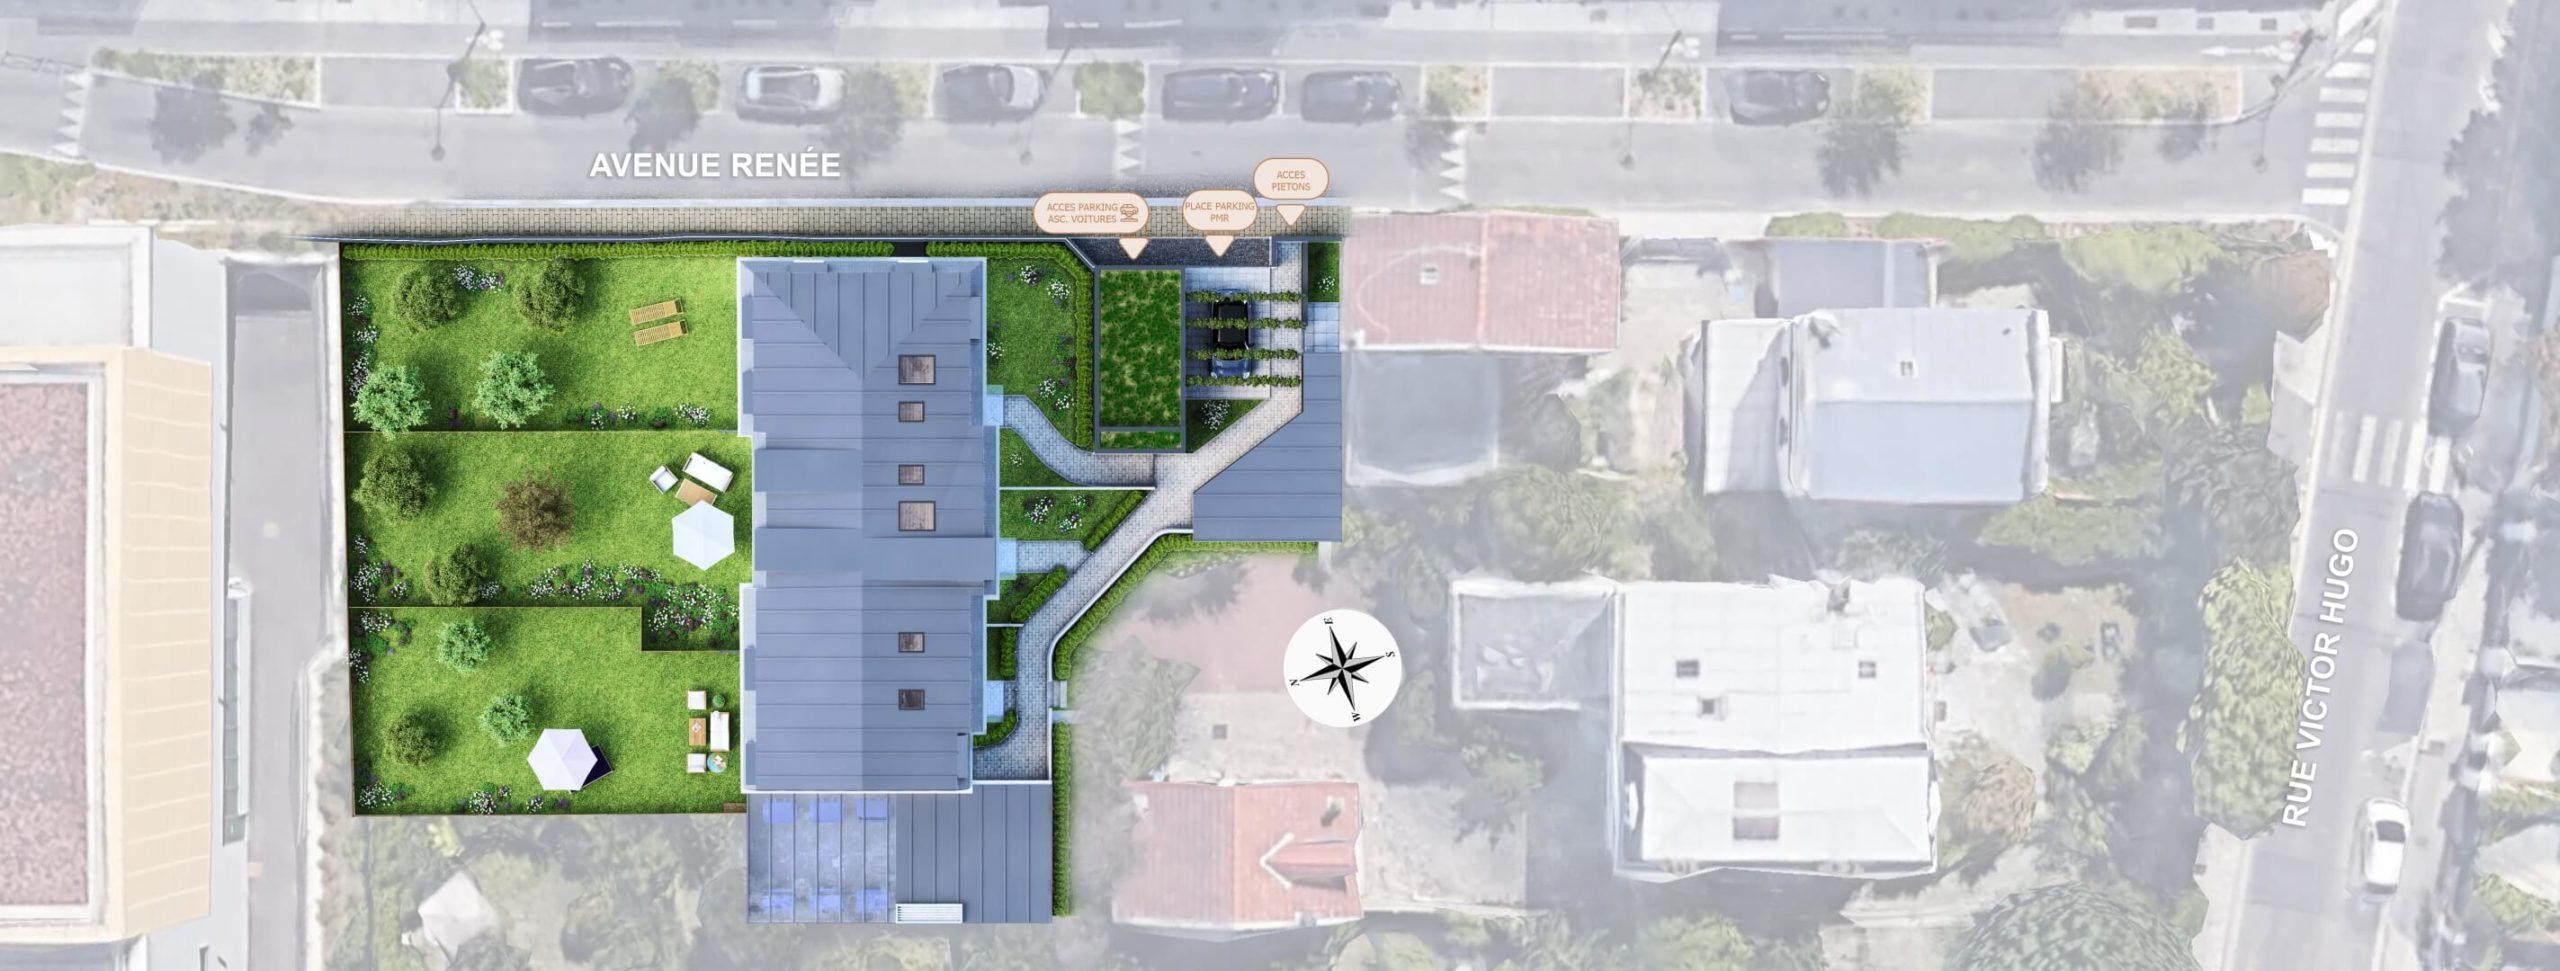 plan de masse réalisé en 3D et intégré dans une image google - plan 3d pour l'immobilier